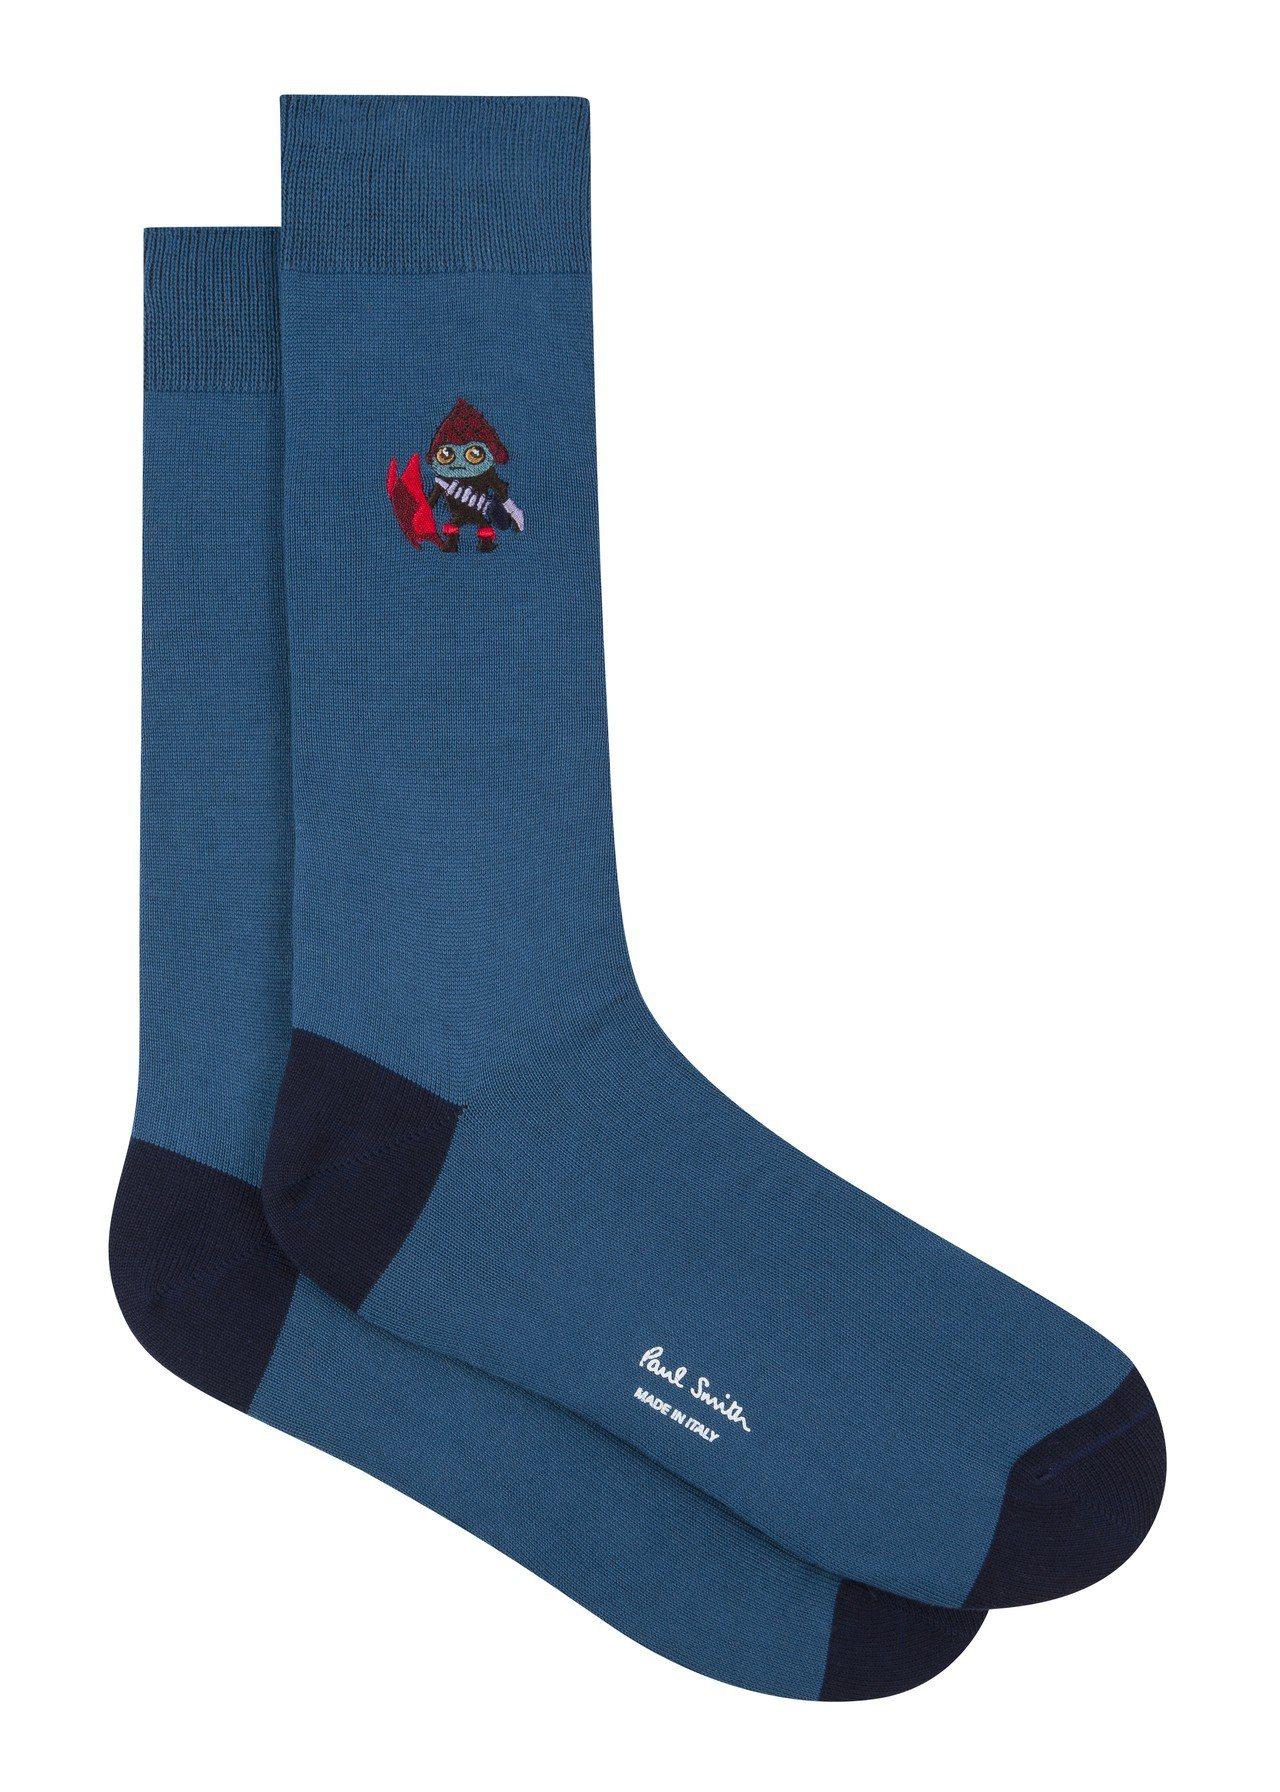 《MIB星際戰警™:跨國行動》限量膠囊系列電繡外星人襪(藏青),1,800元。圖...